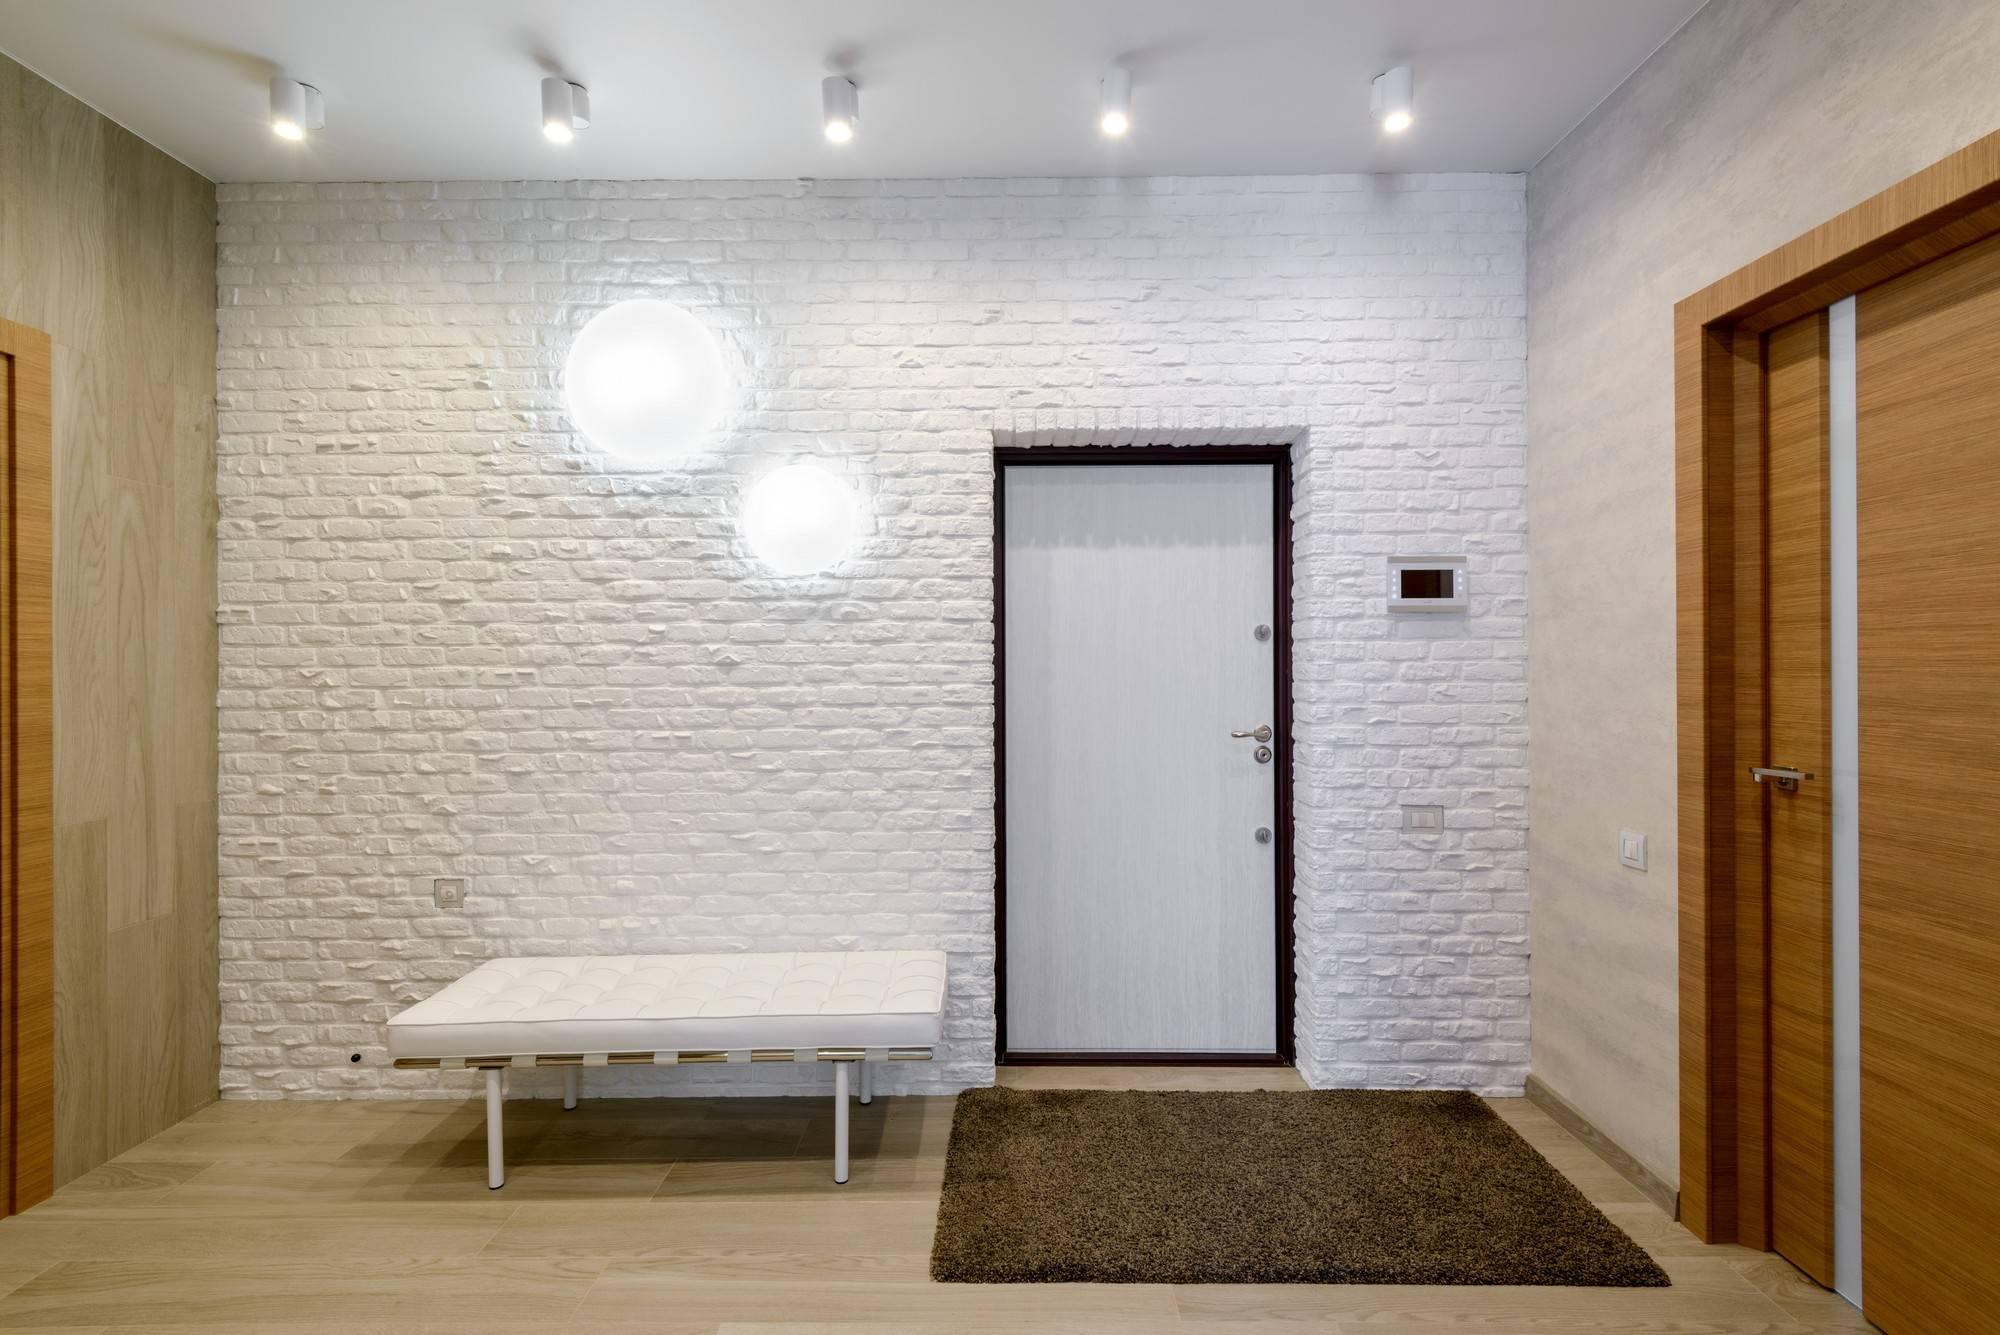 белый кирпичик на стене в холле фото там работать